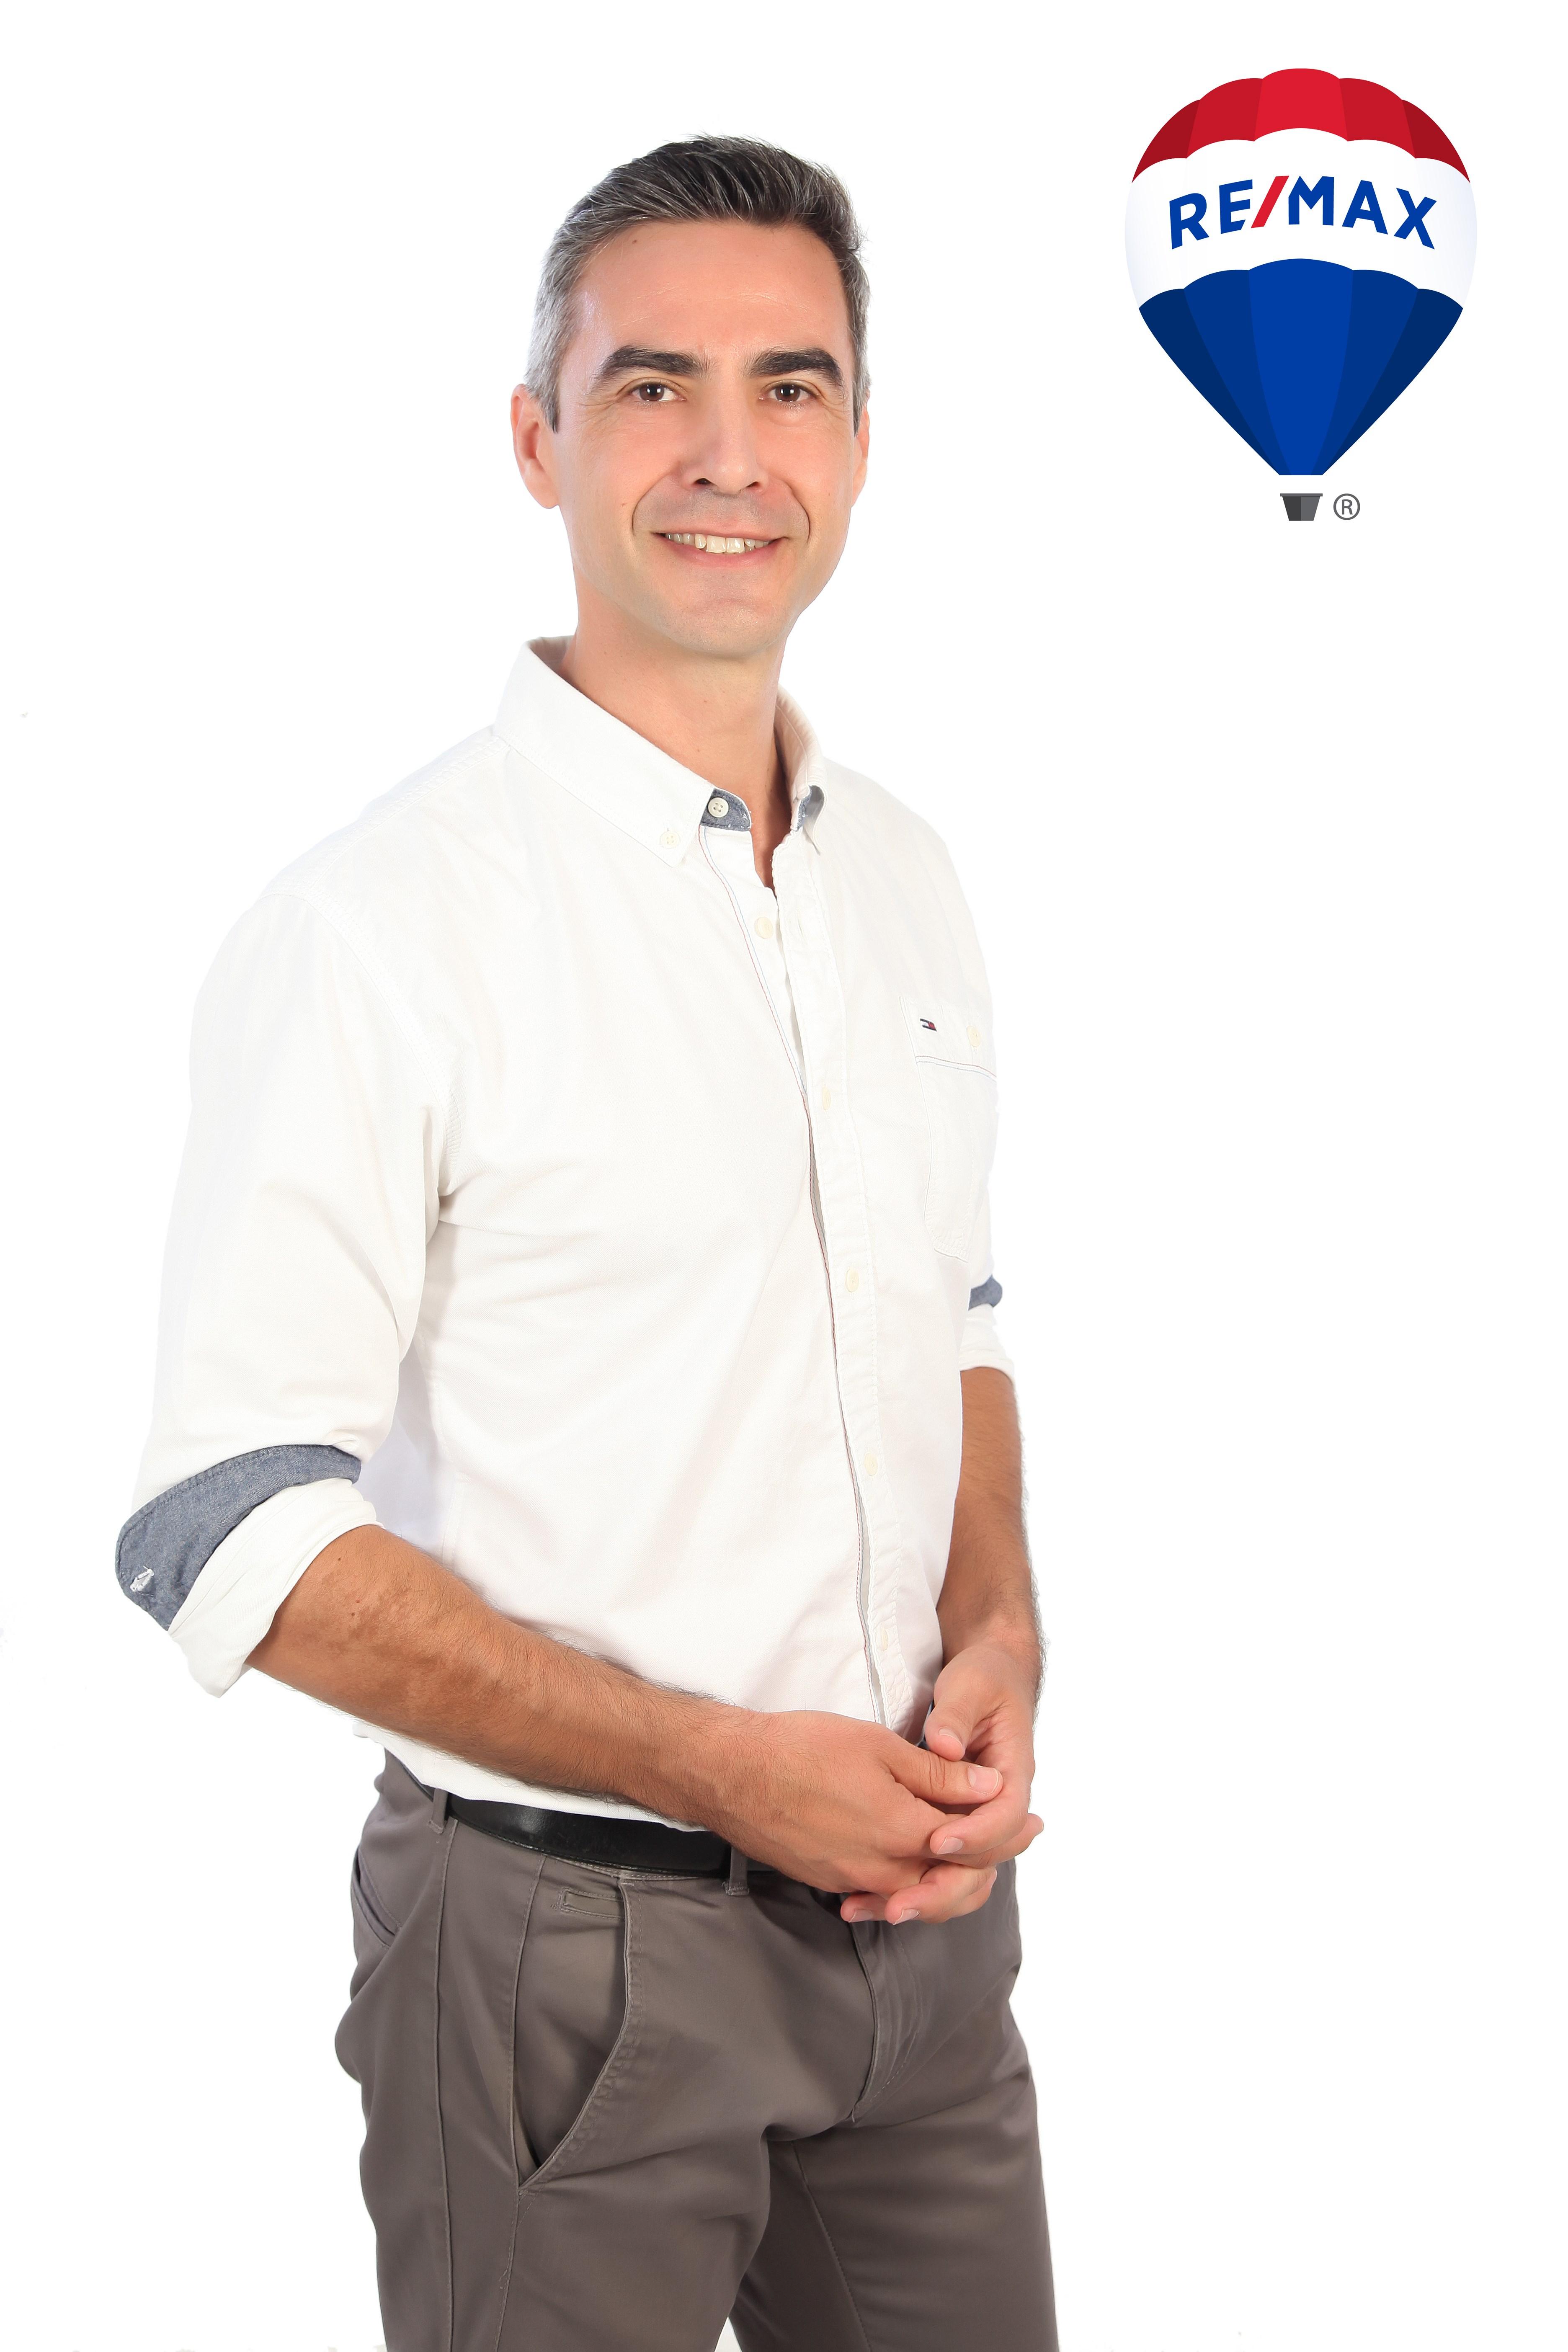 Paco Herrada